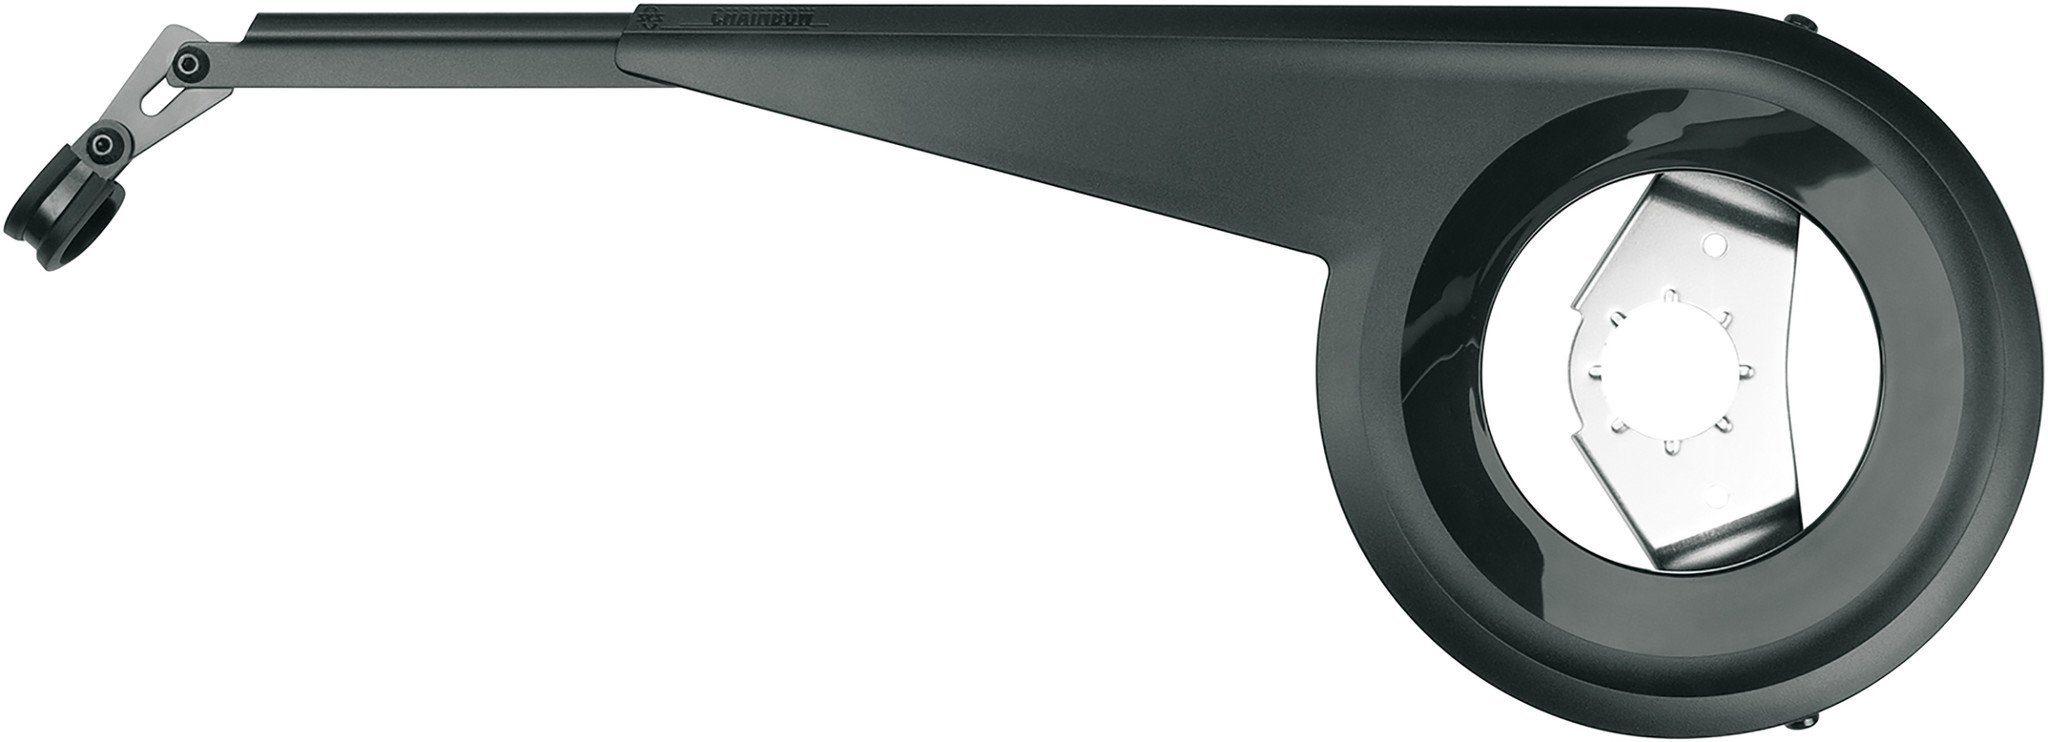 SKS Kettenschutz »Chainbow Kettenschutz 38 Zähne«